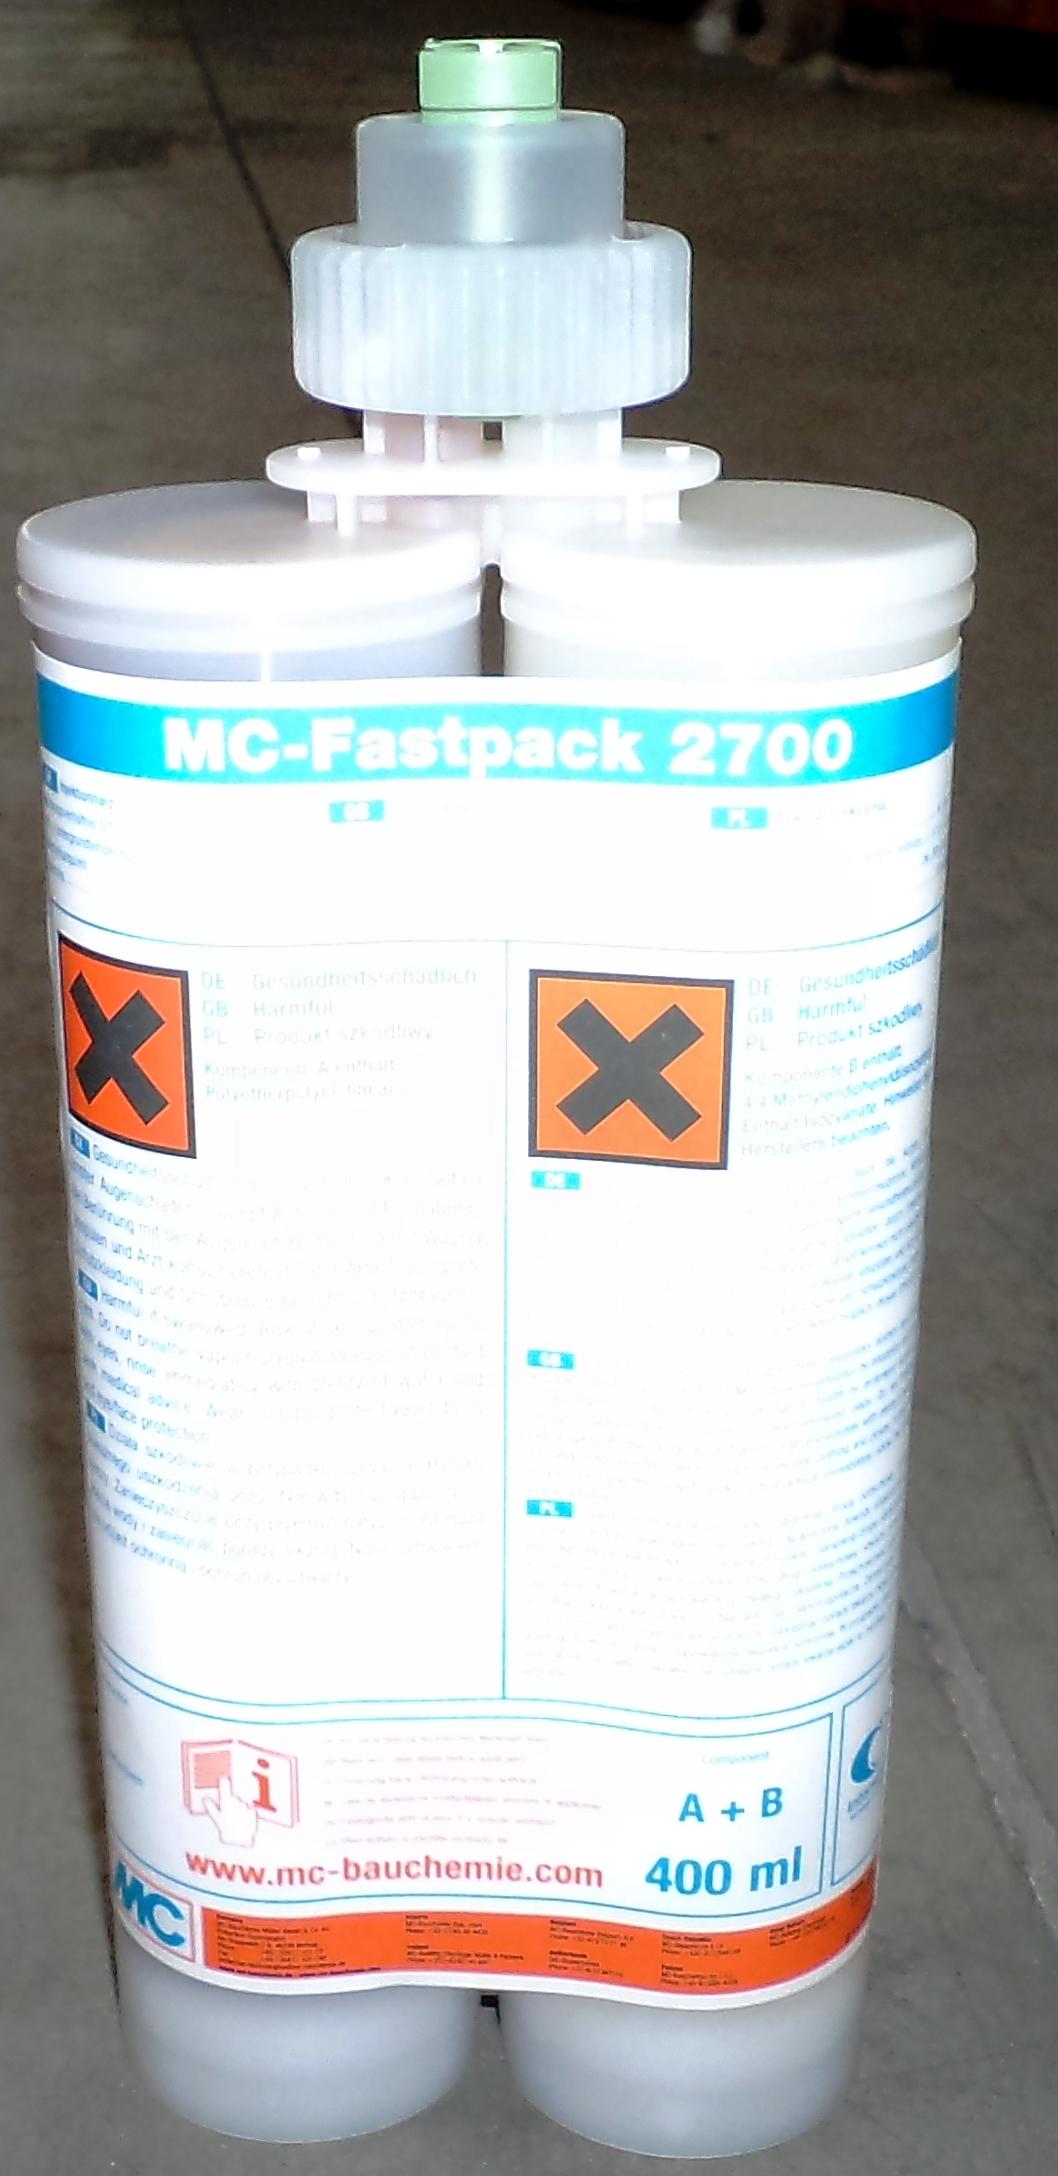 Injectii pentru consolidare MC - Poza 1